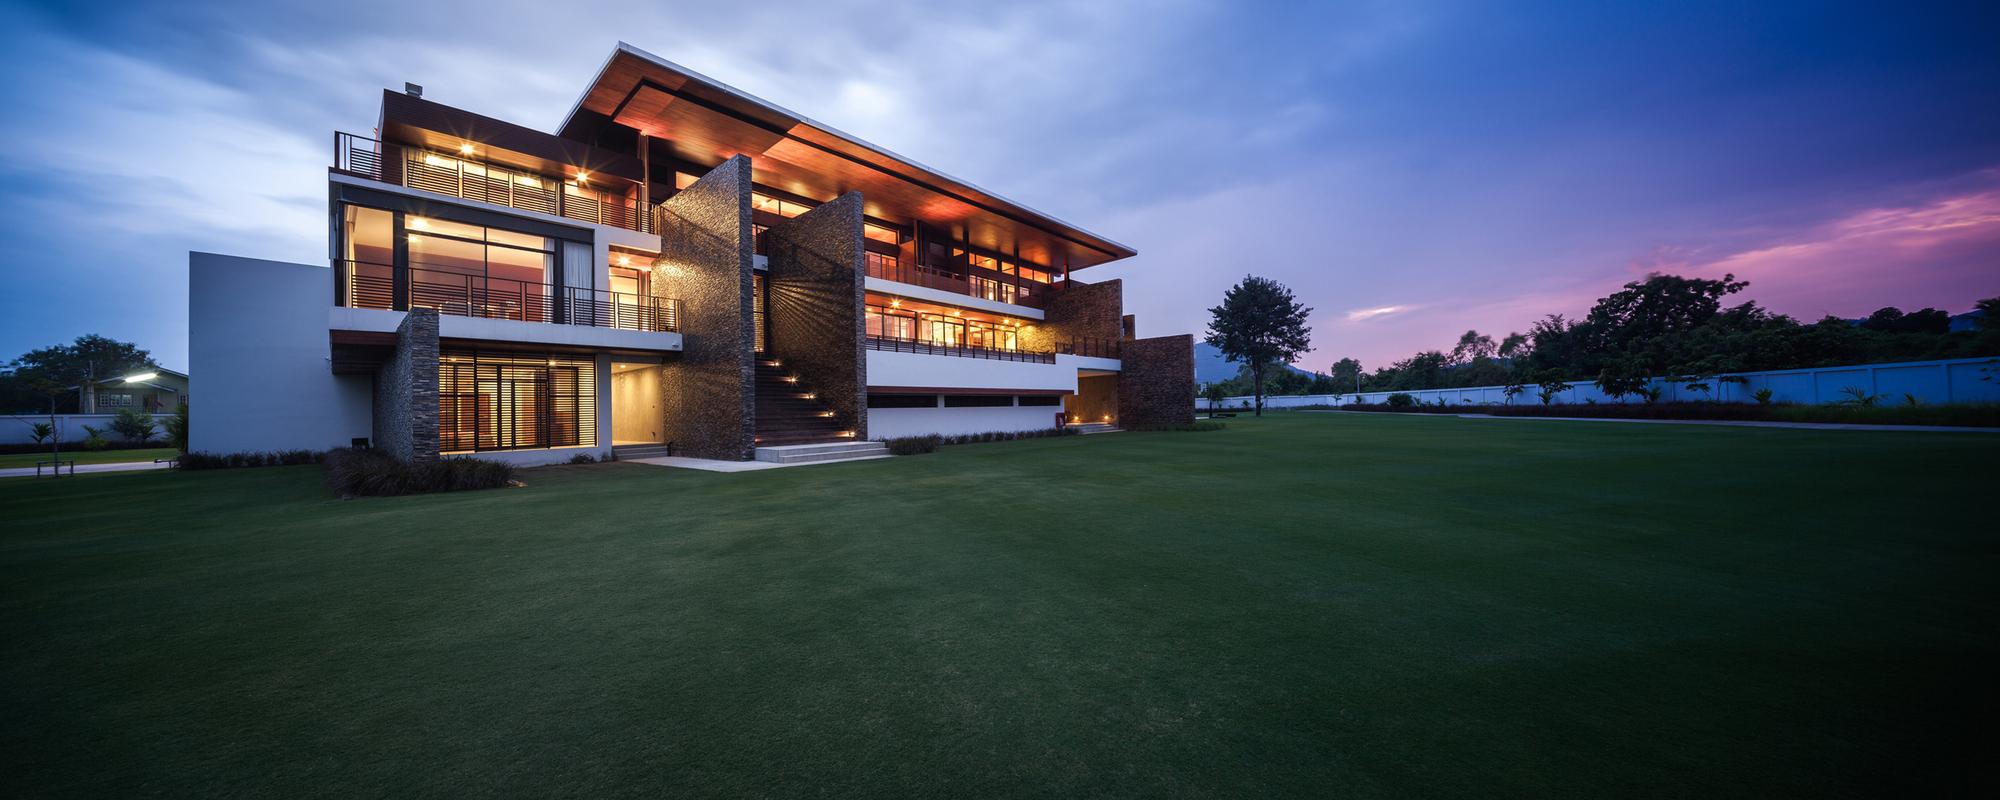 Bang Sa Ray House Junsekino Architect And Design Archdaily